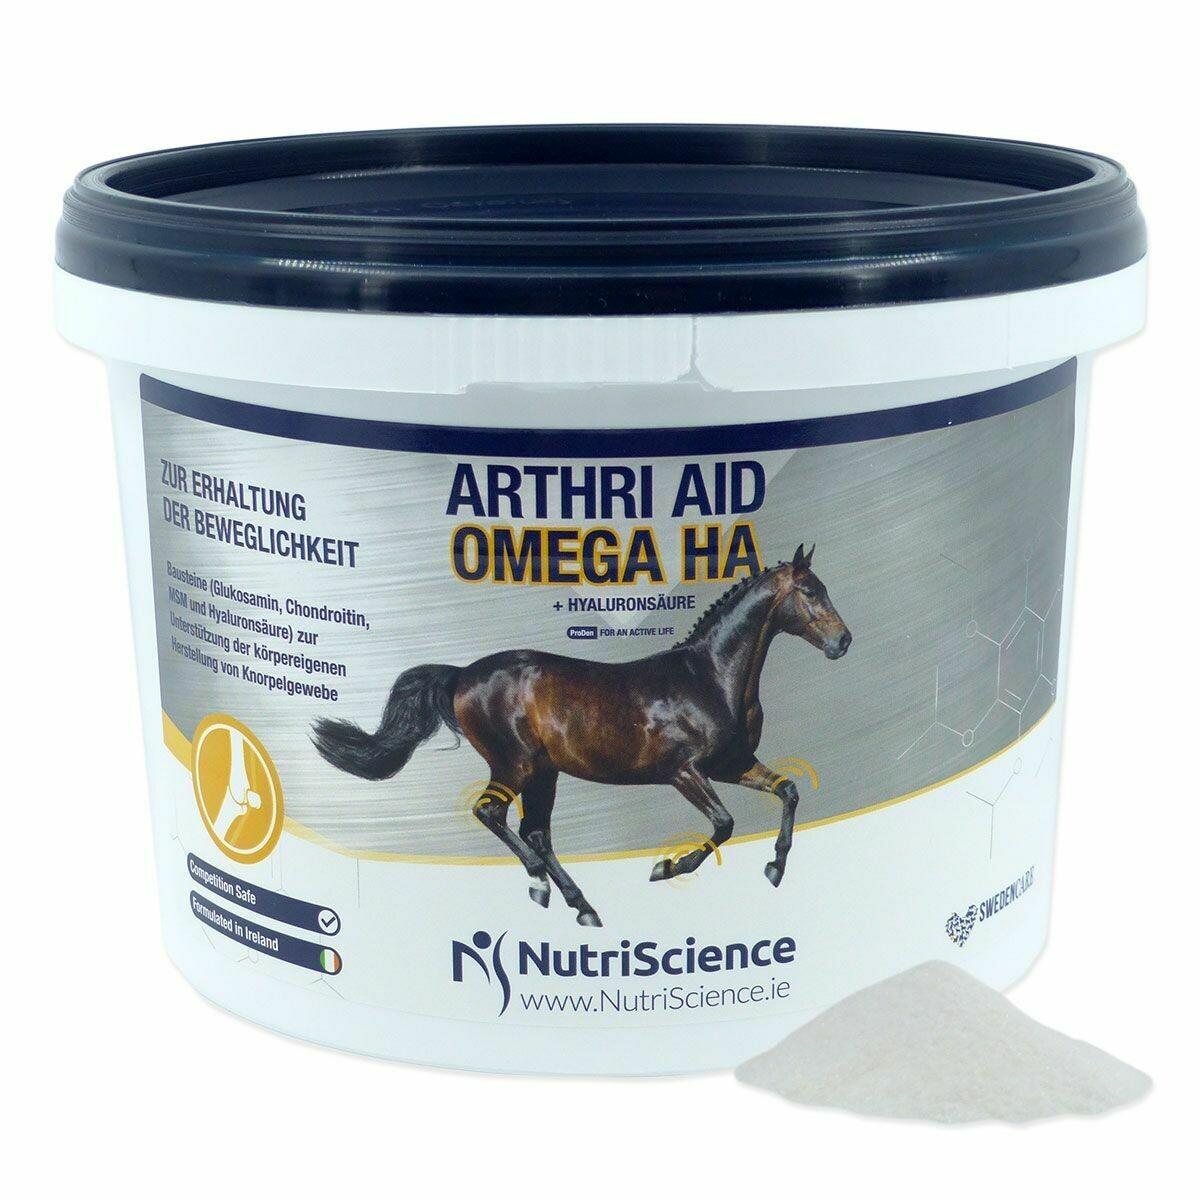 Arthri Aid Omega HA _ Arthrose